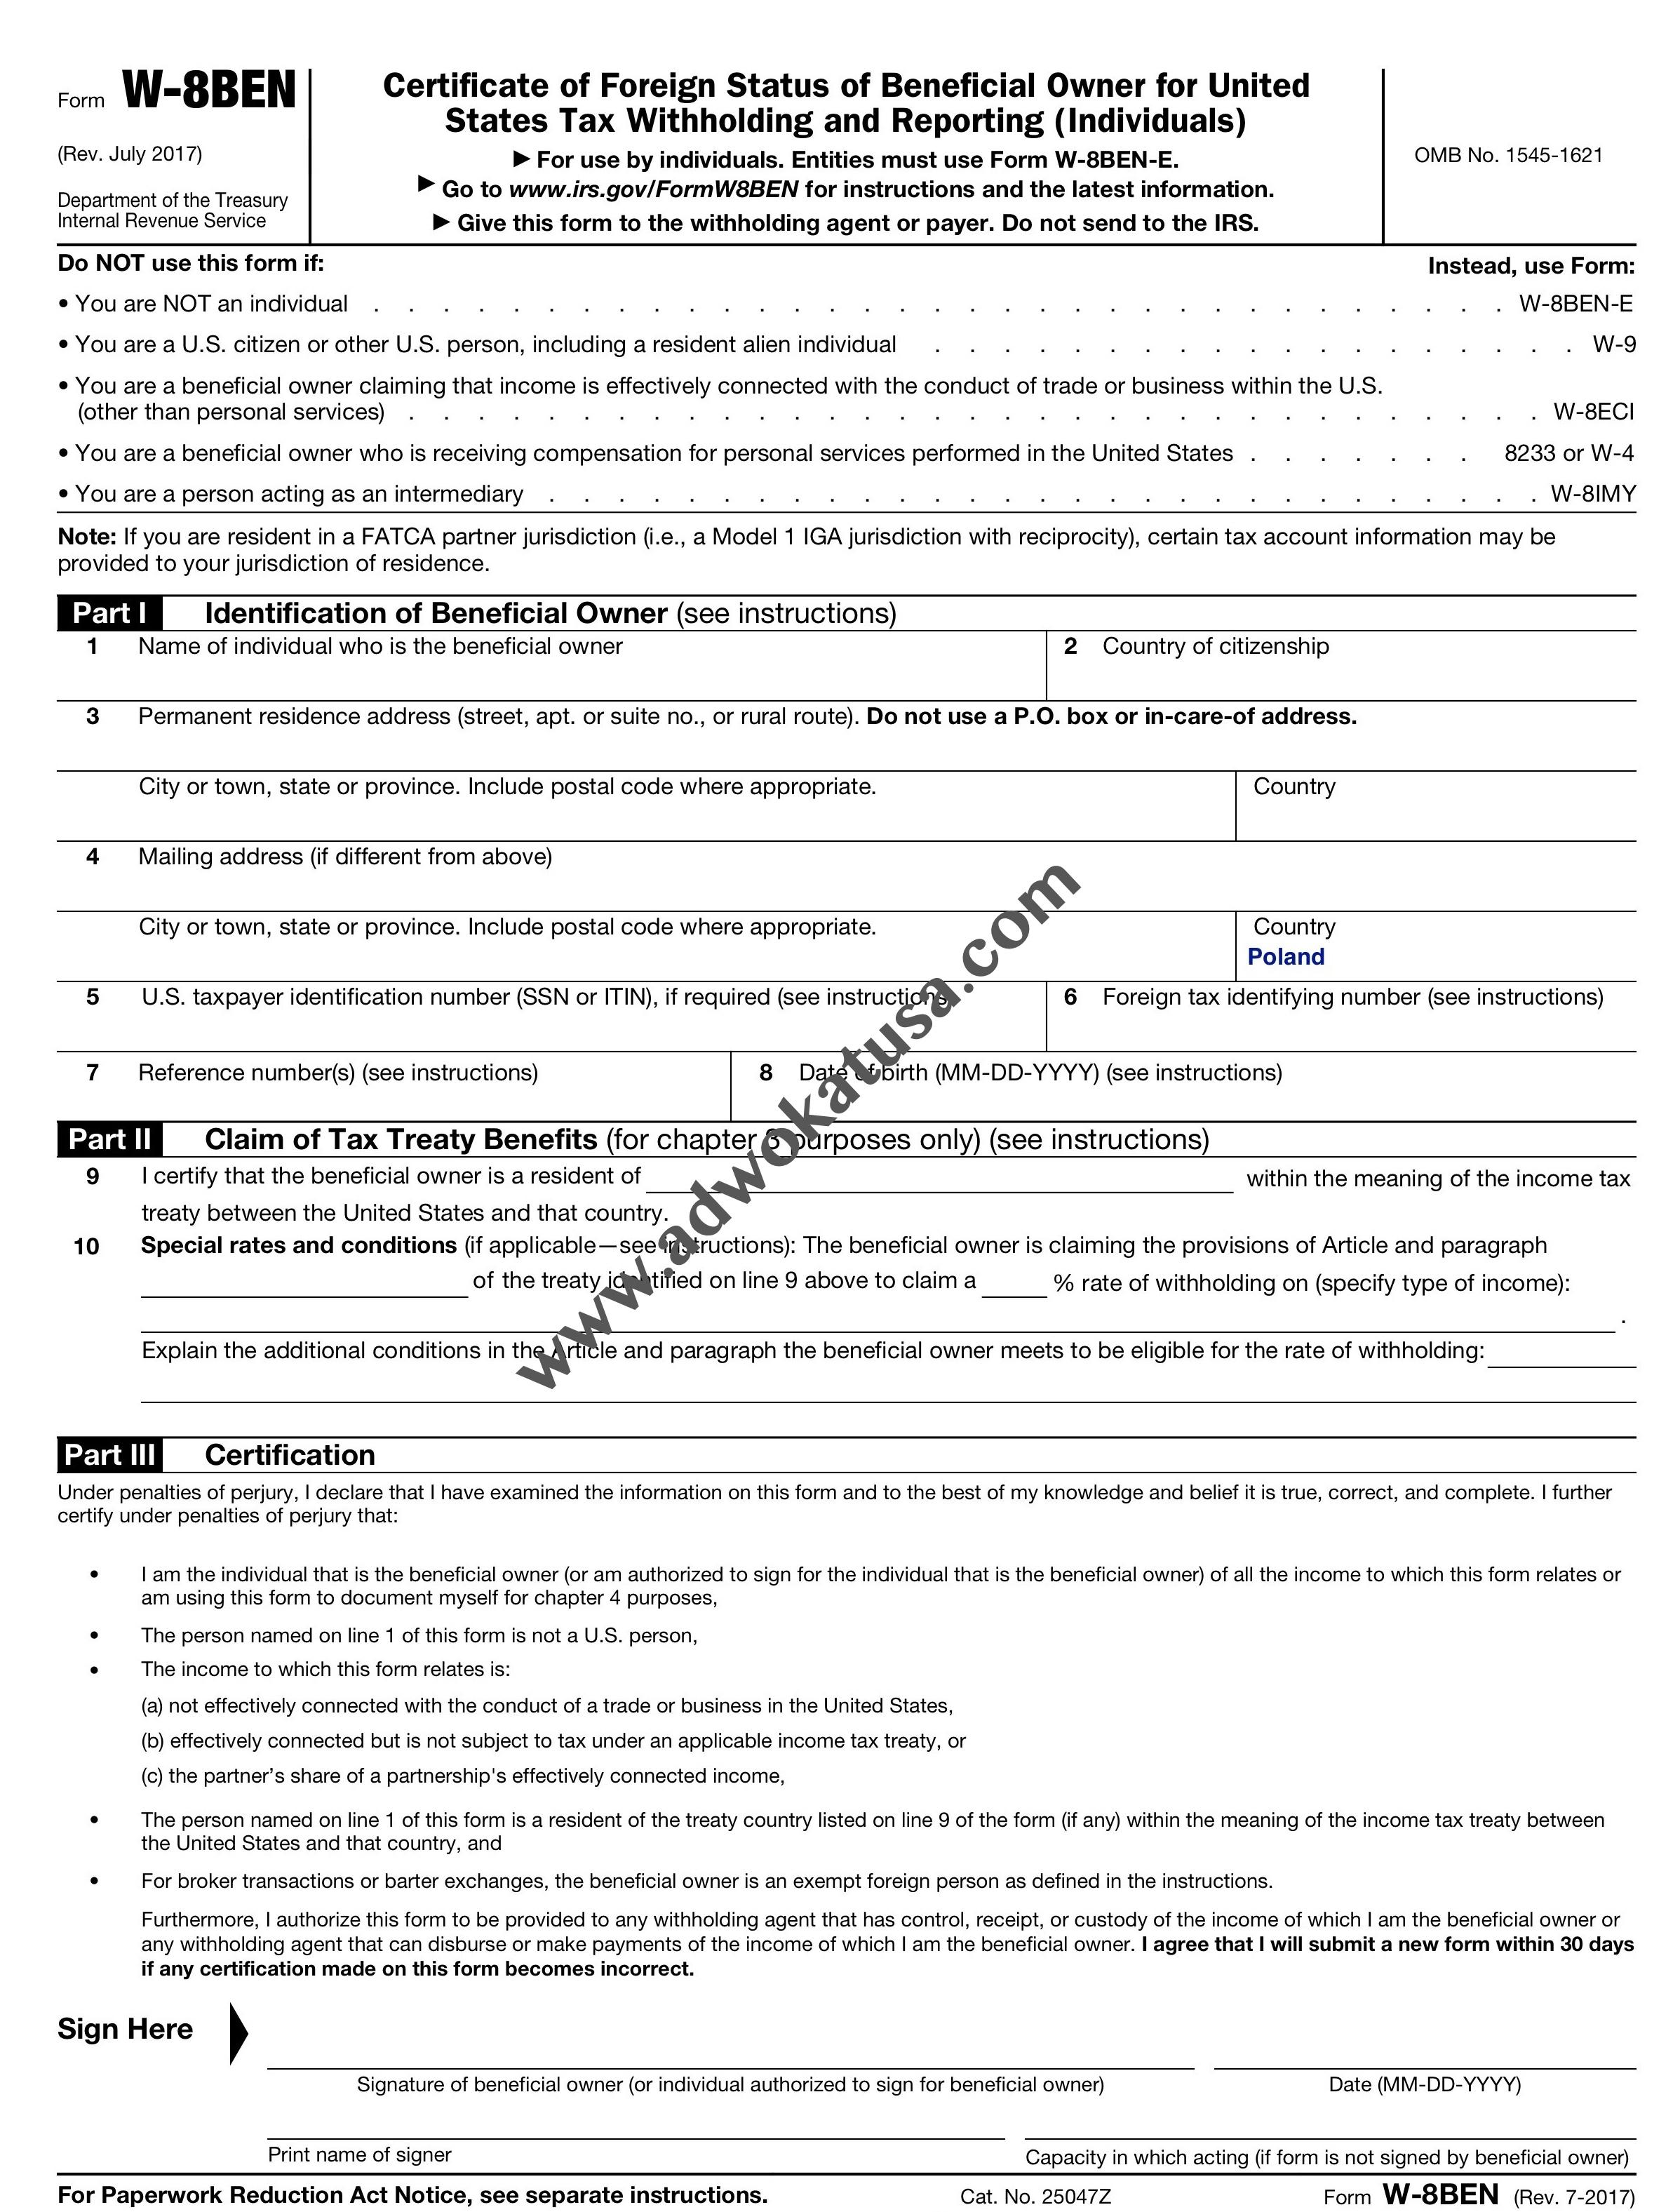 formularz W8BEN